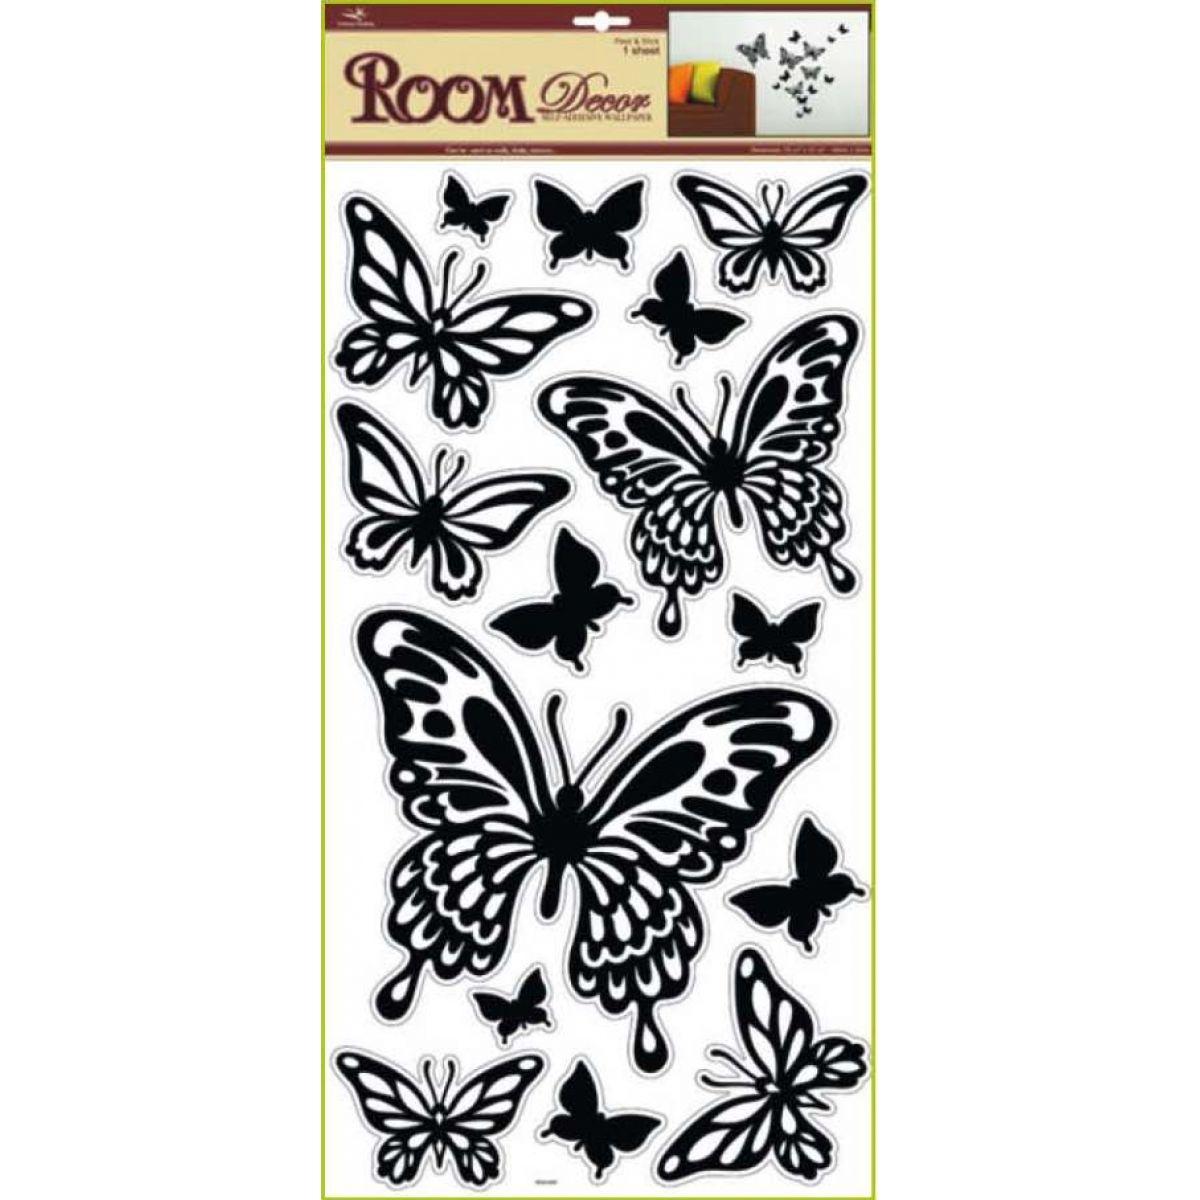 Anděl Přerov - Pokojová dekorace černí motýli 1083 69x30 cm